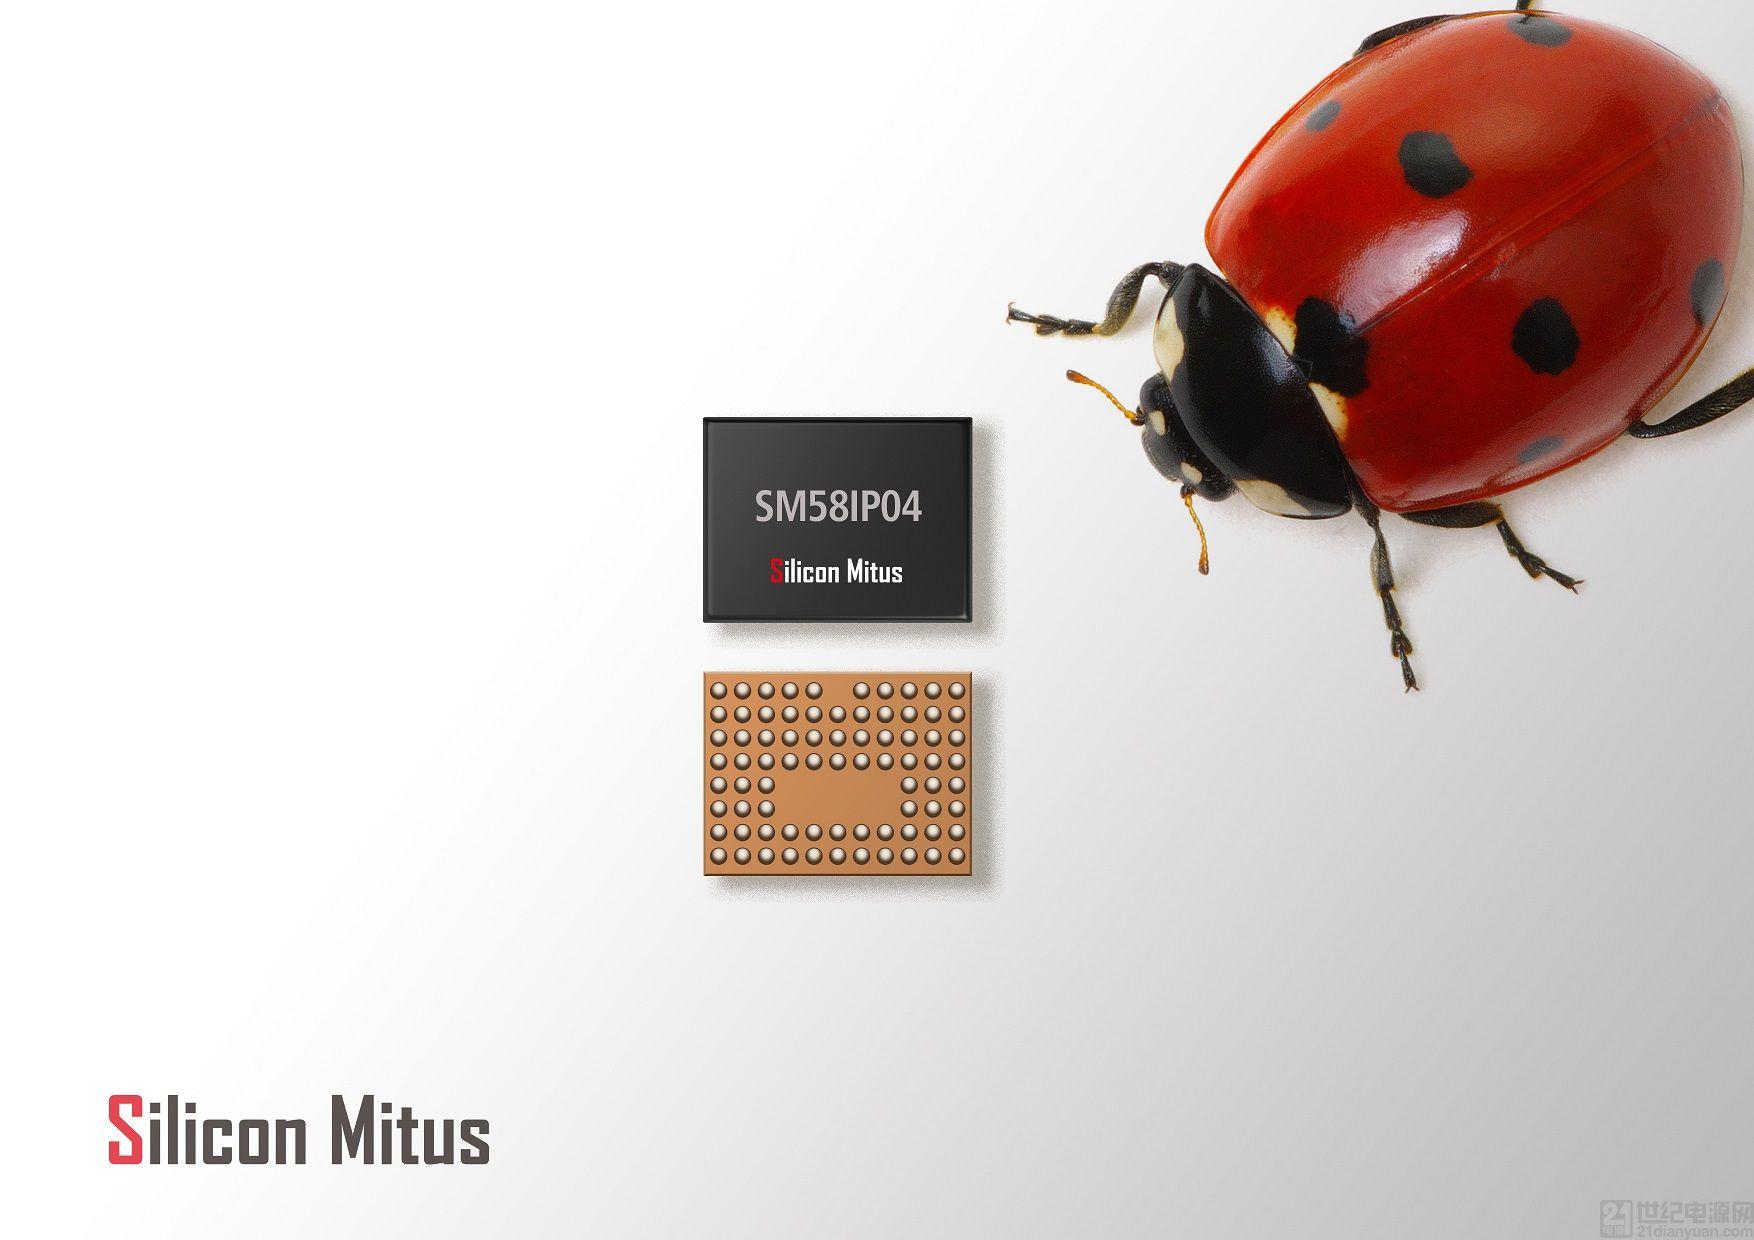 Silicon Mitus 发布用于计算和移动电源应用的单芯片降压-升压 USB Type-C 充电